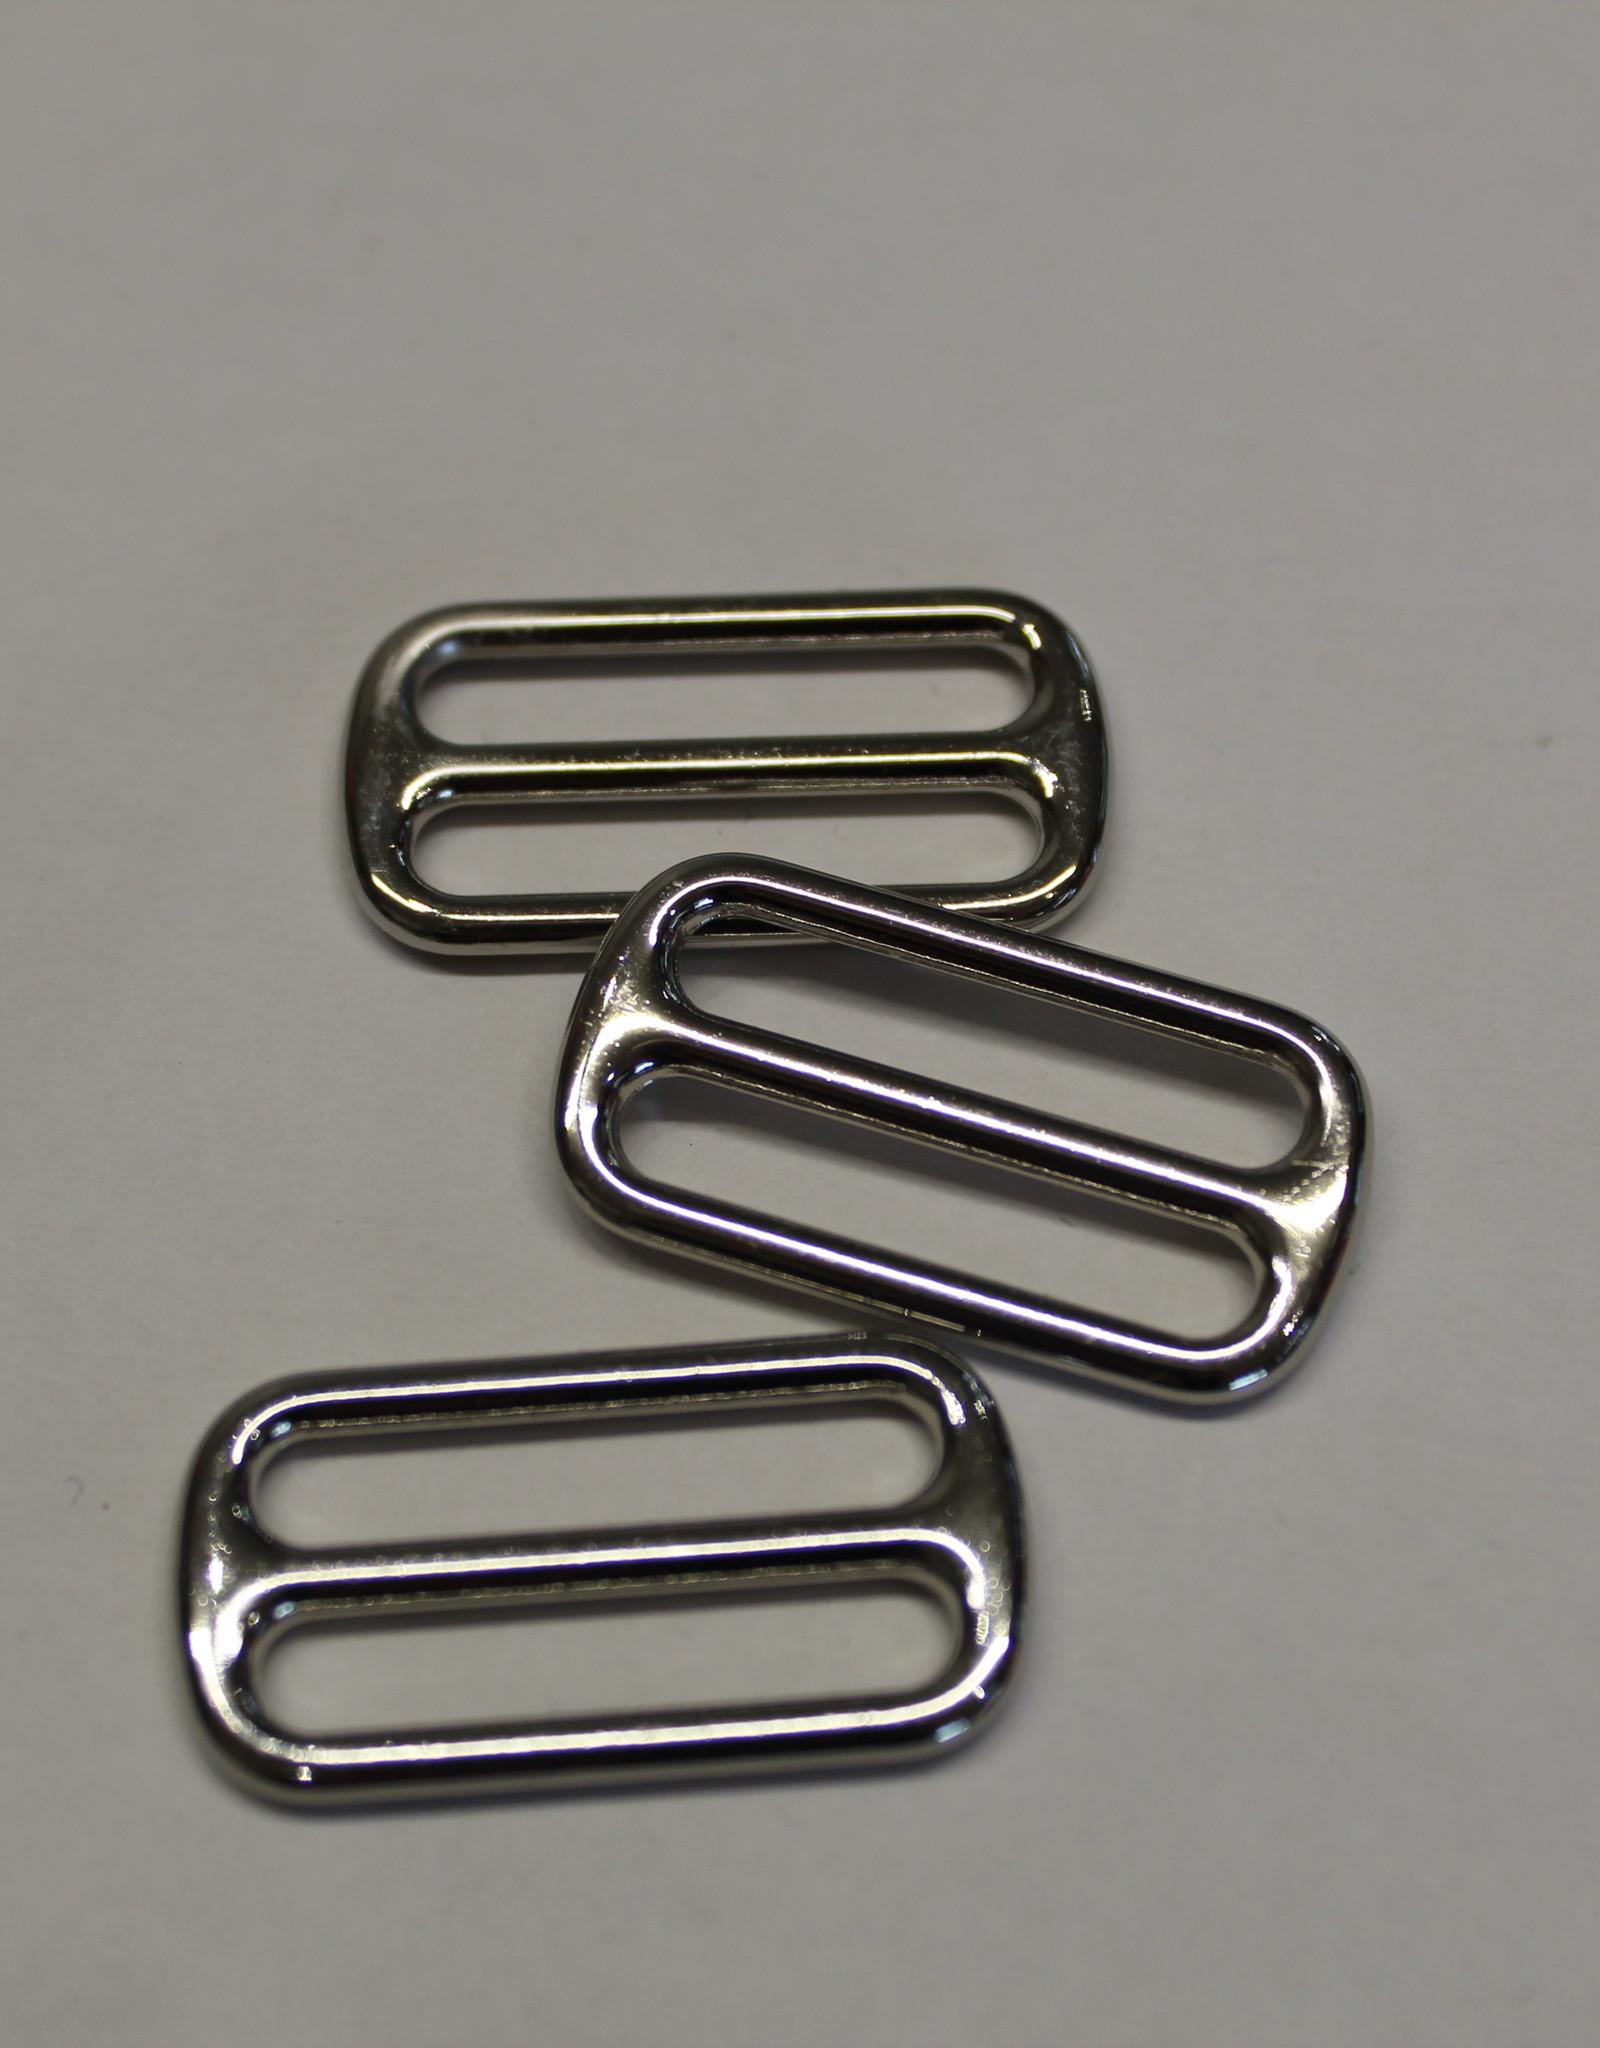 Schuifgesp 25mm zilver